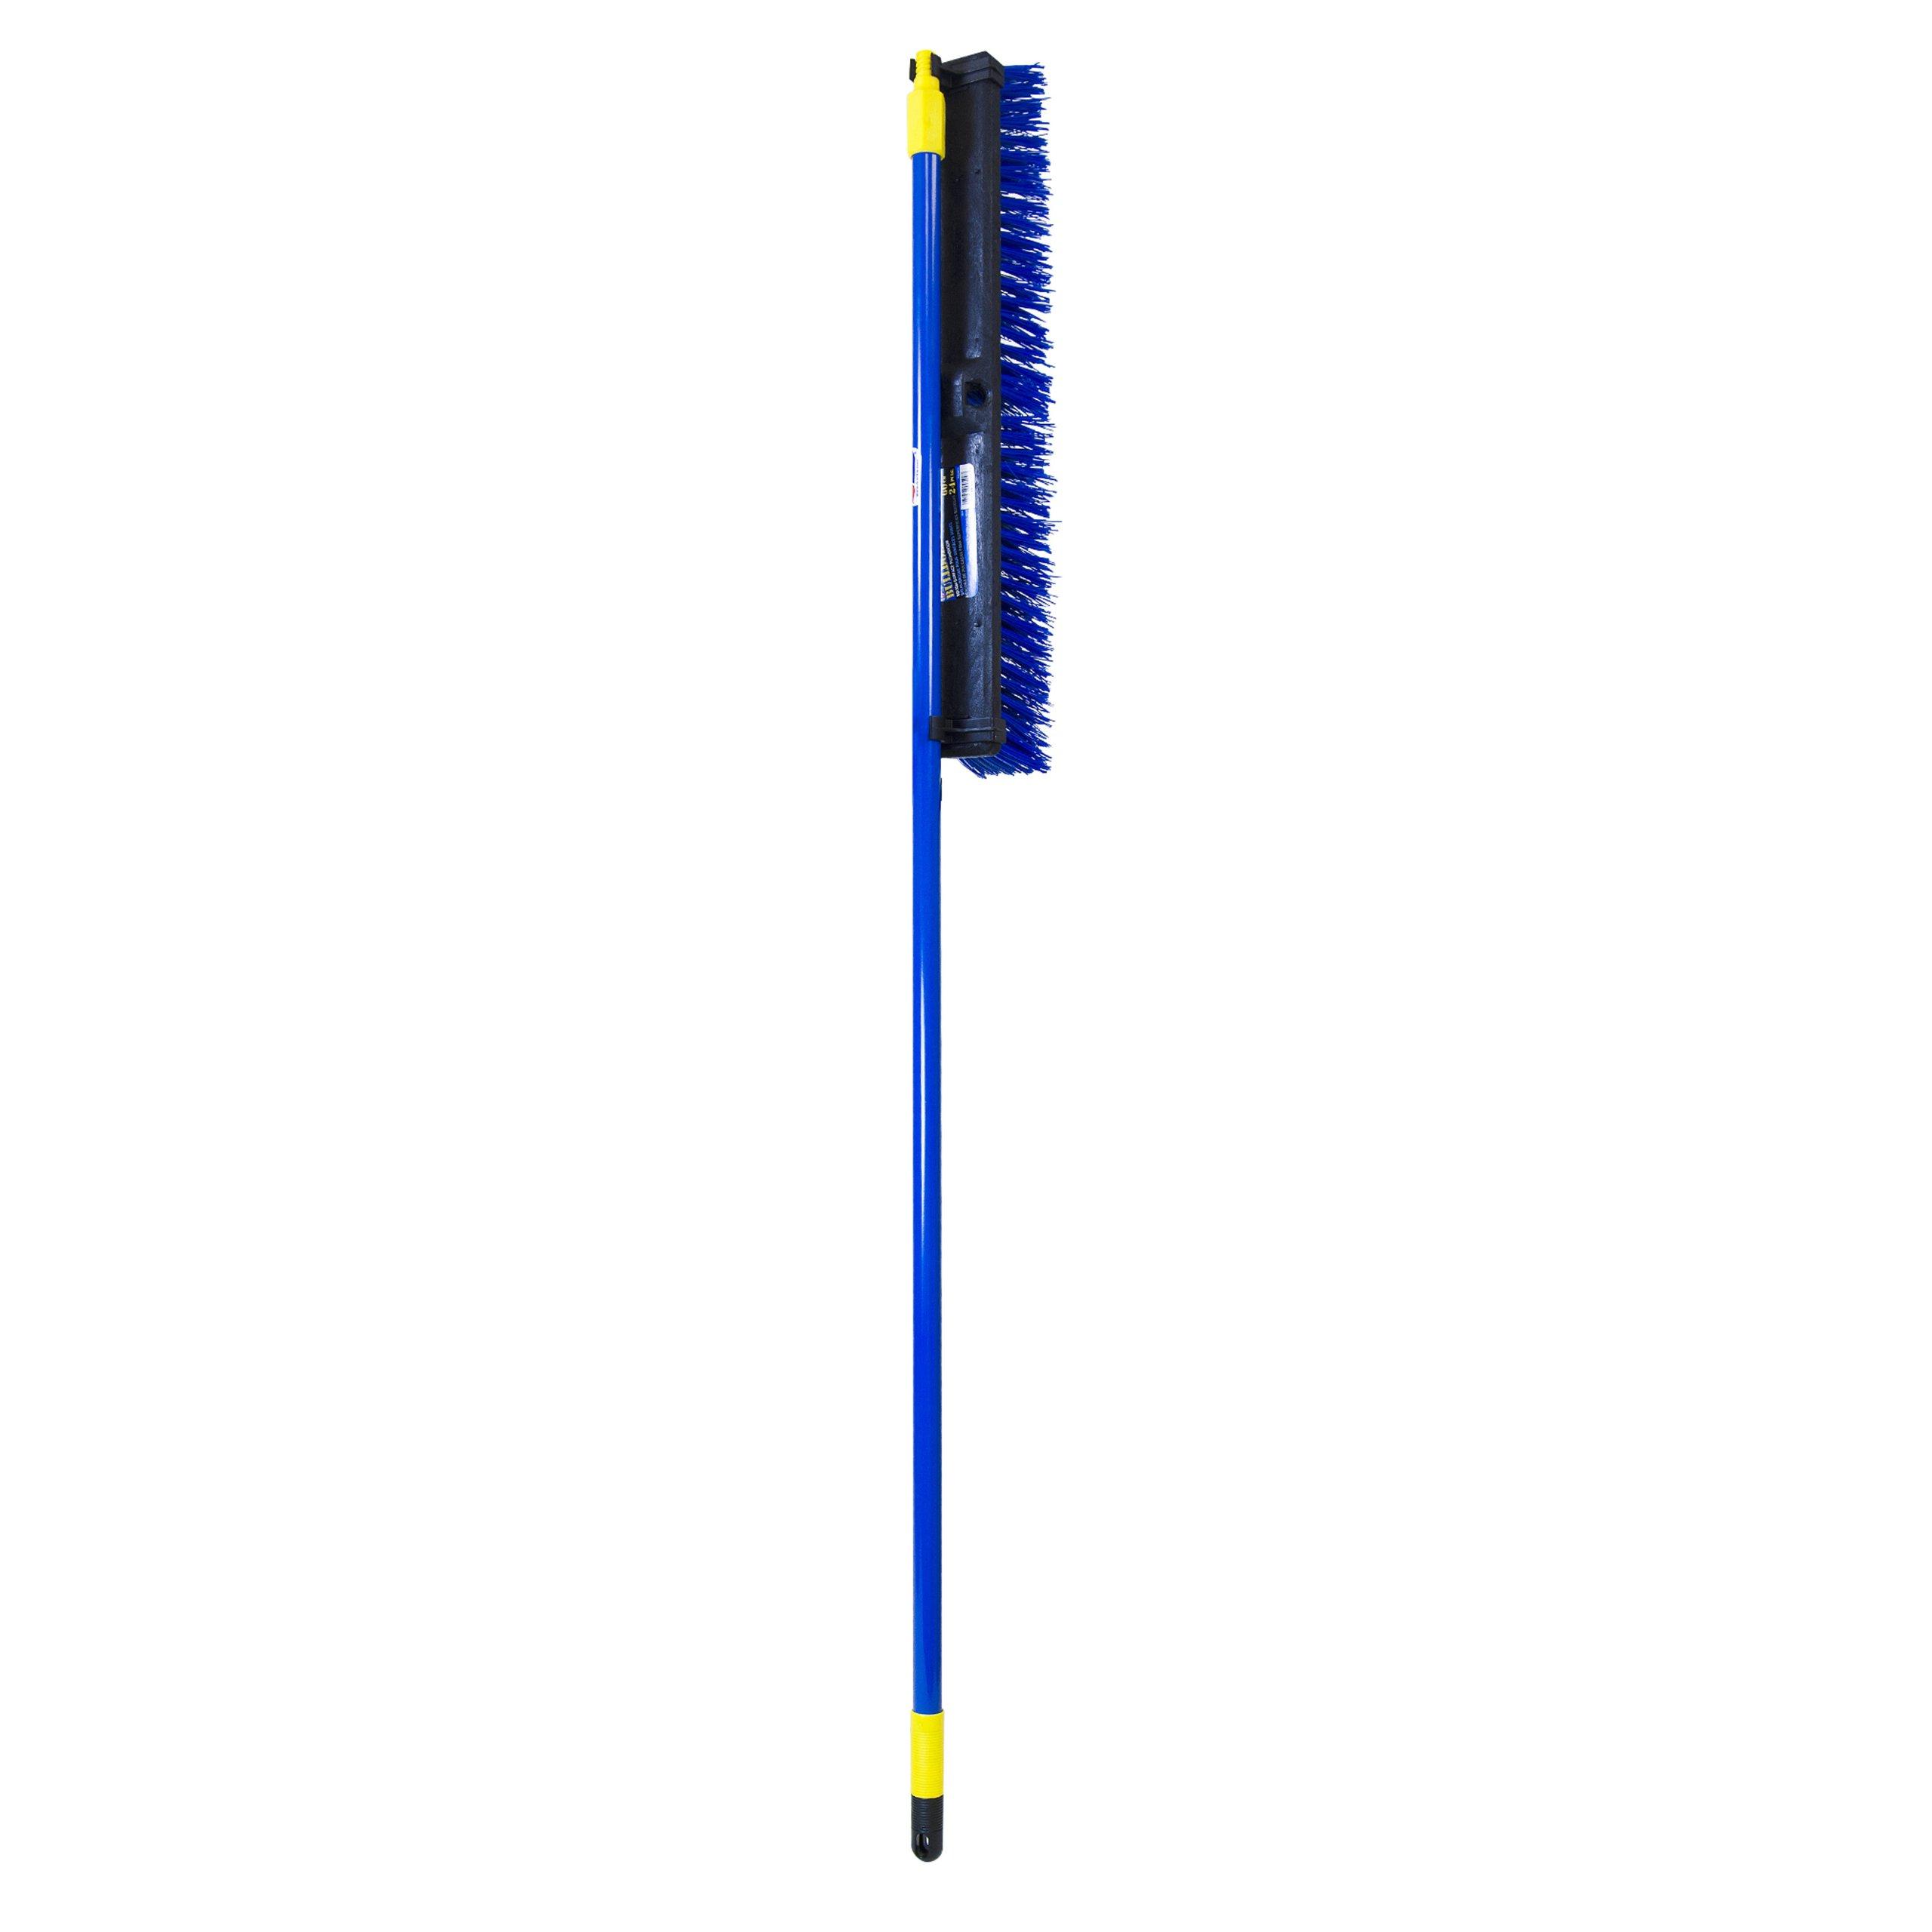 Quickie Bulldozer 24-Inch Super Stiff Poly Fiber Push Broom